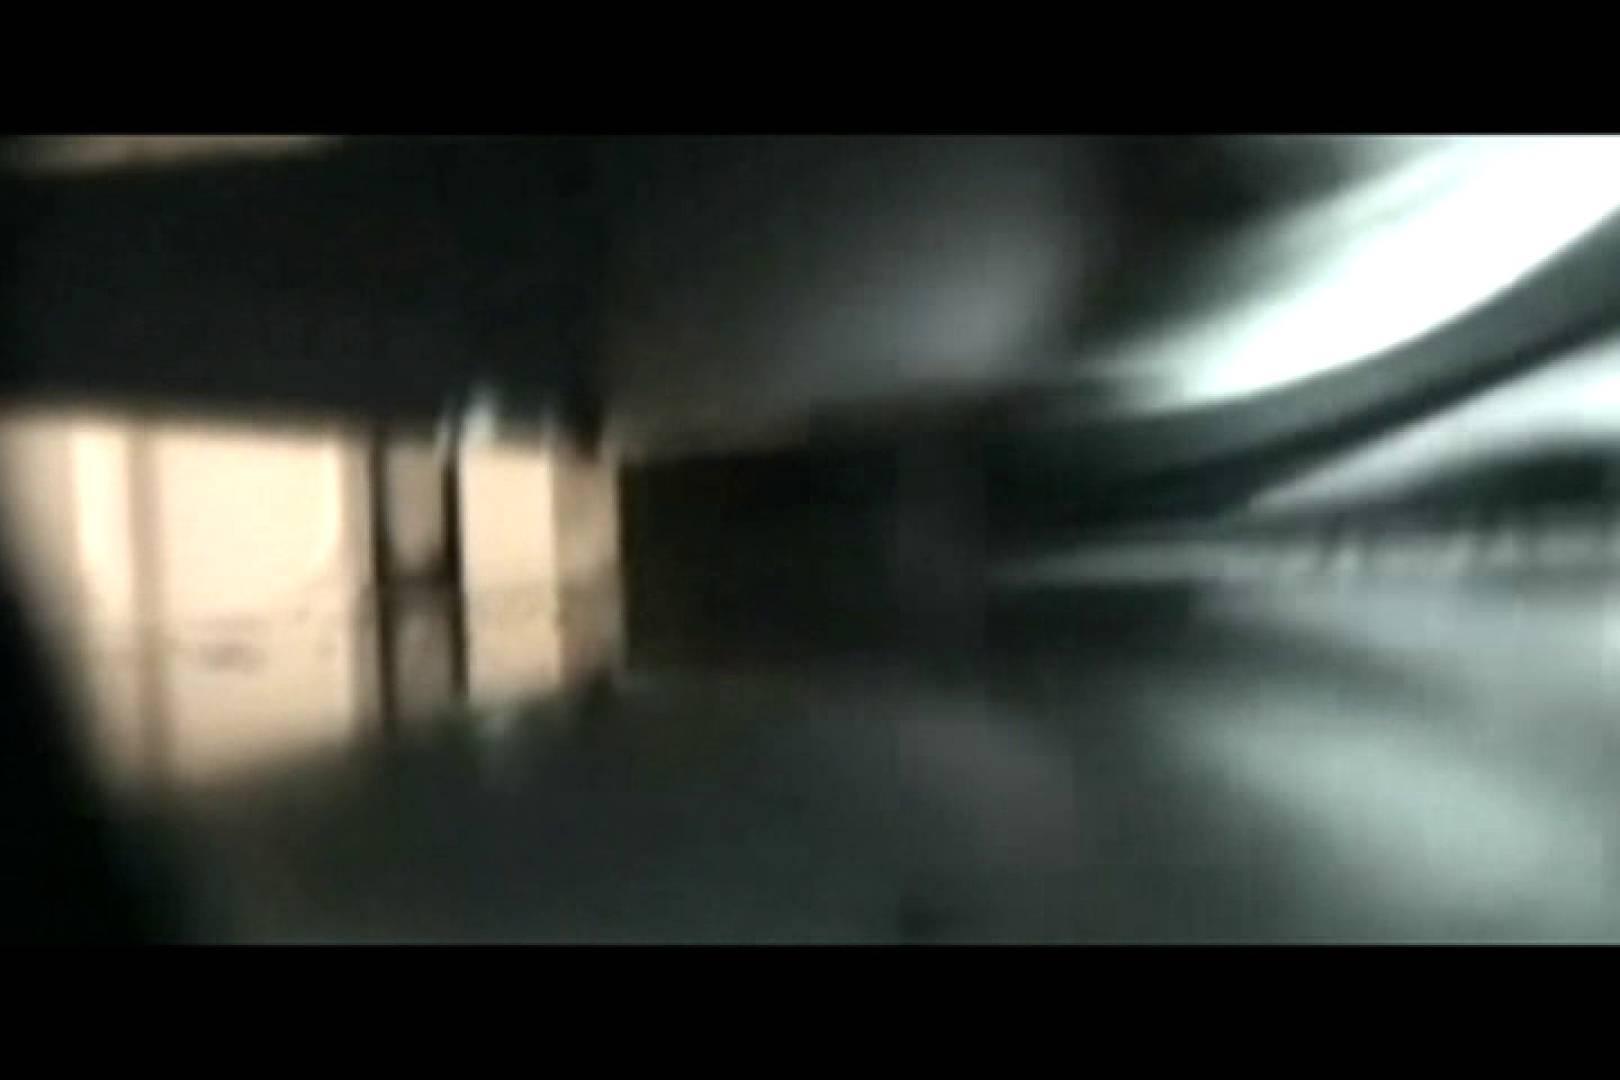 ぼっとん洗面所スペシャルVol.17 洗面所 アダルト動画キャプチャ 80画像 44